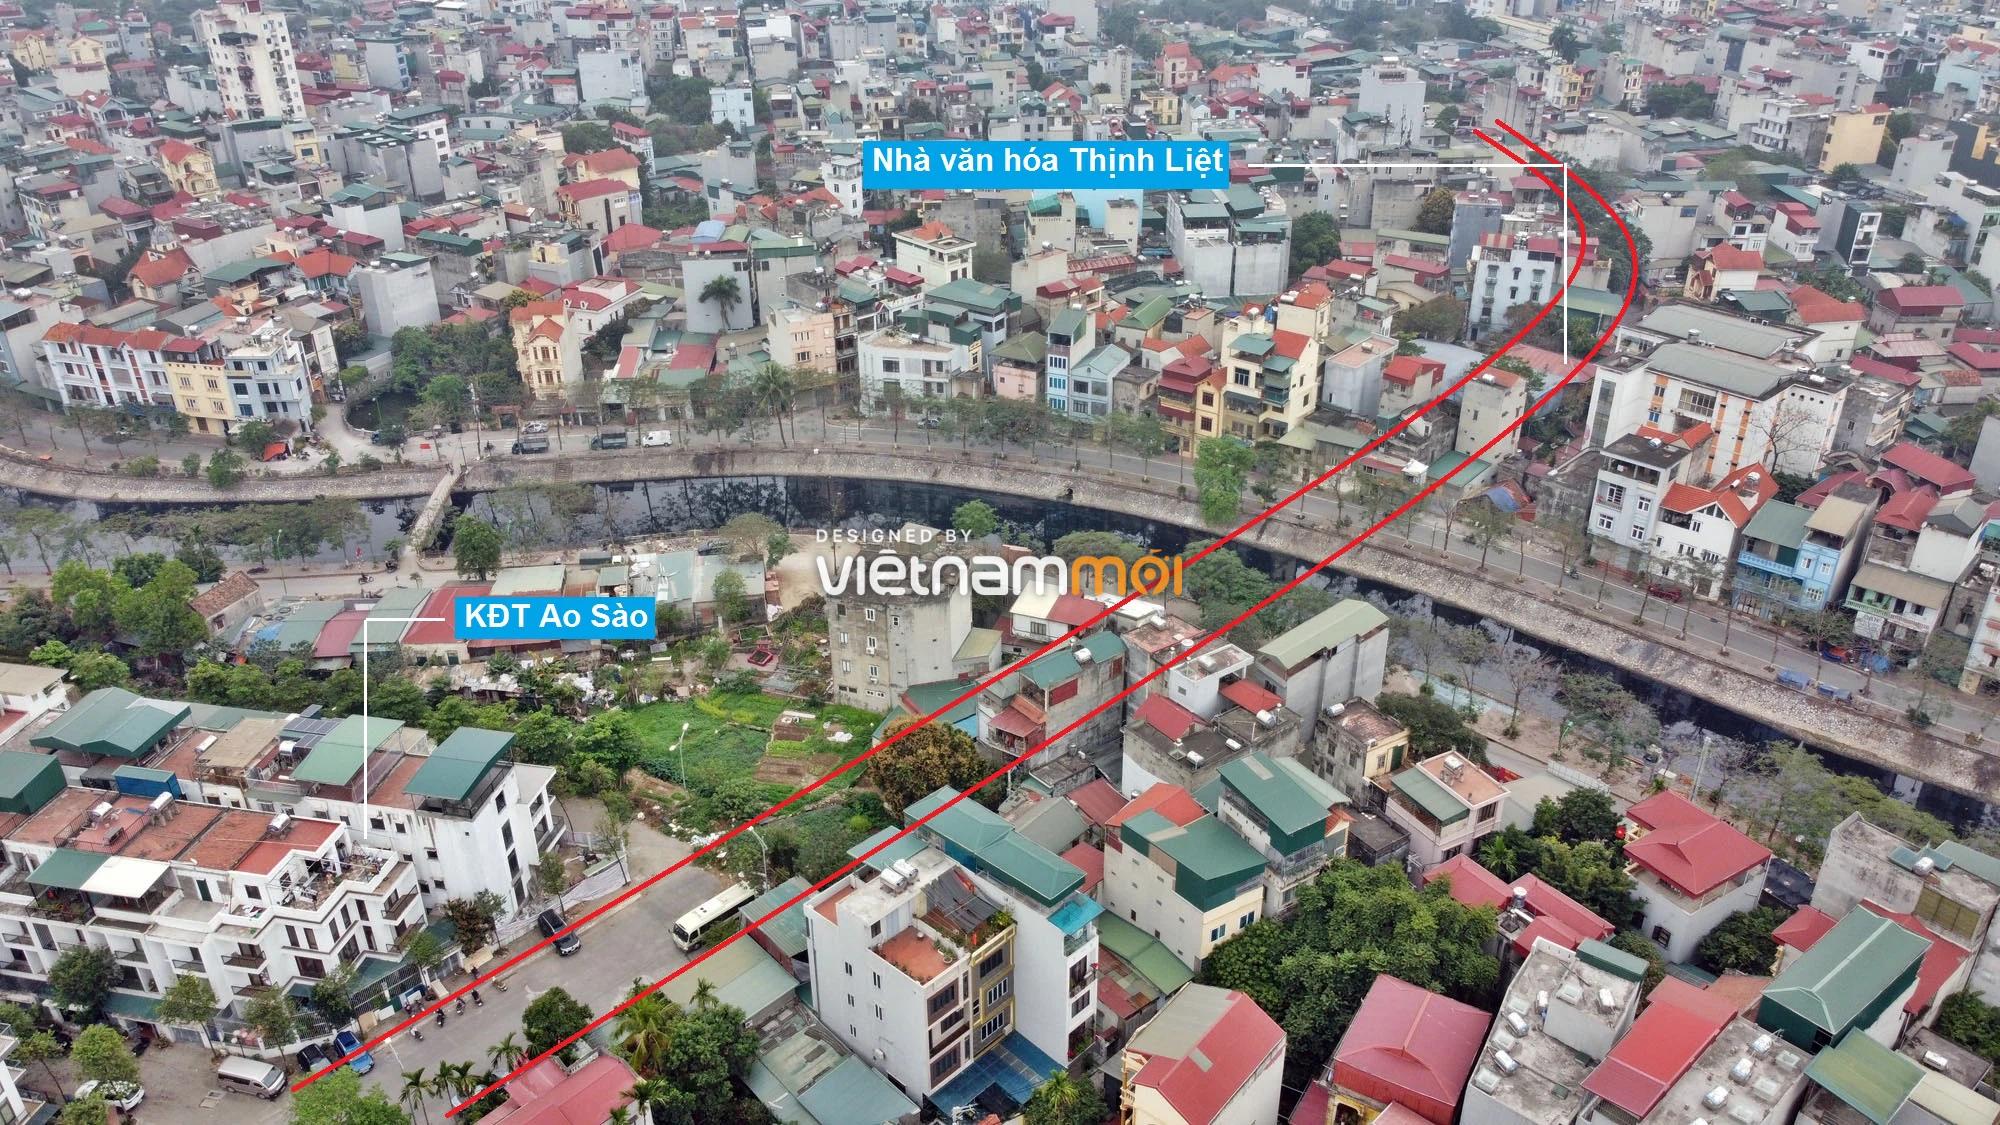 Đường sẽ mở theo quy hoạch ở phường Thịnh Liệt, Hoàng Mai, Hà Nội (phần 2) - Ảnh 3.